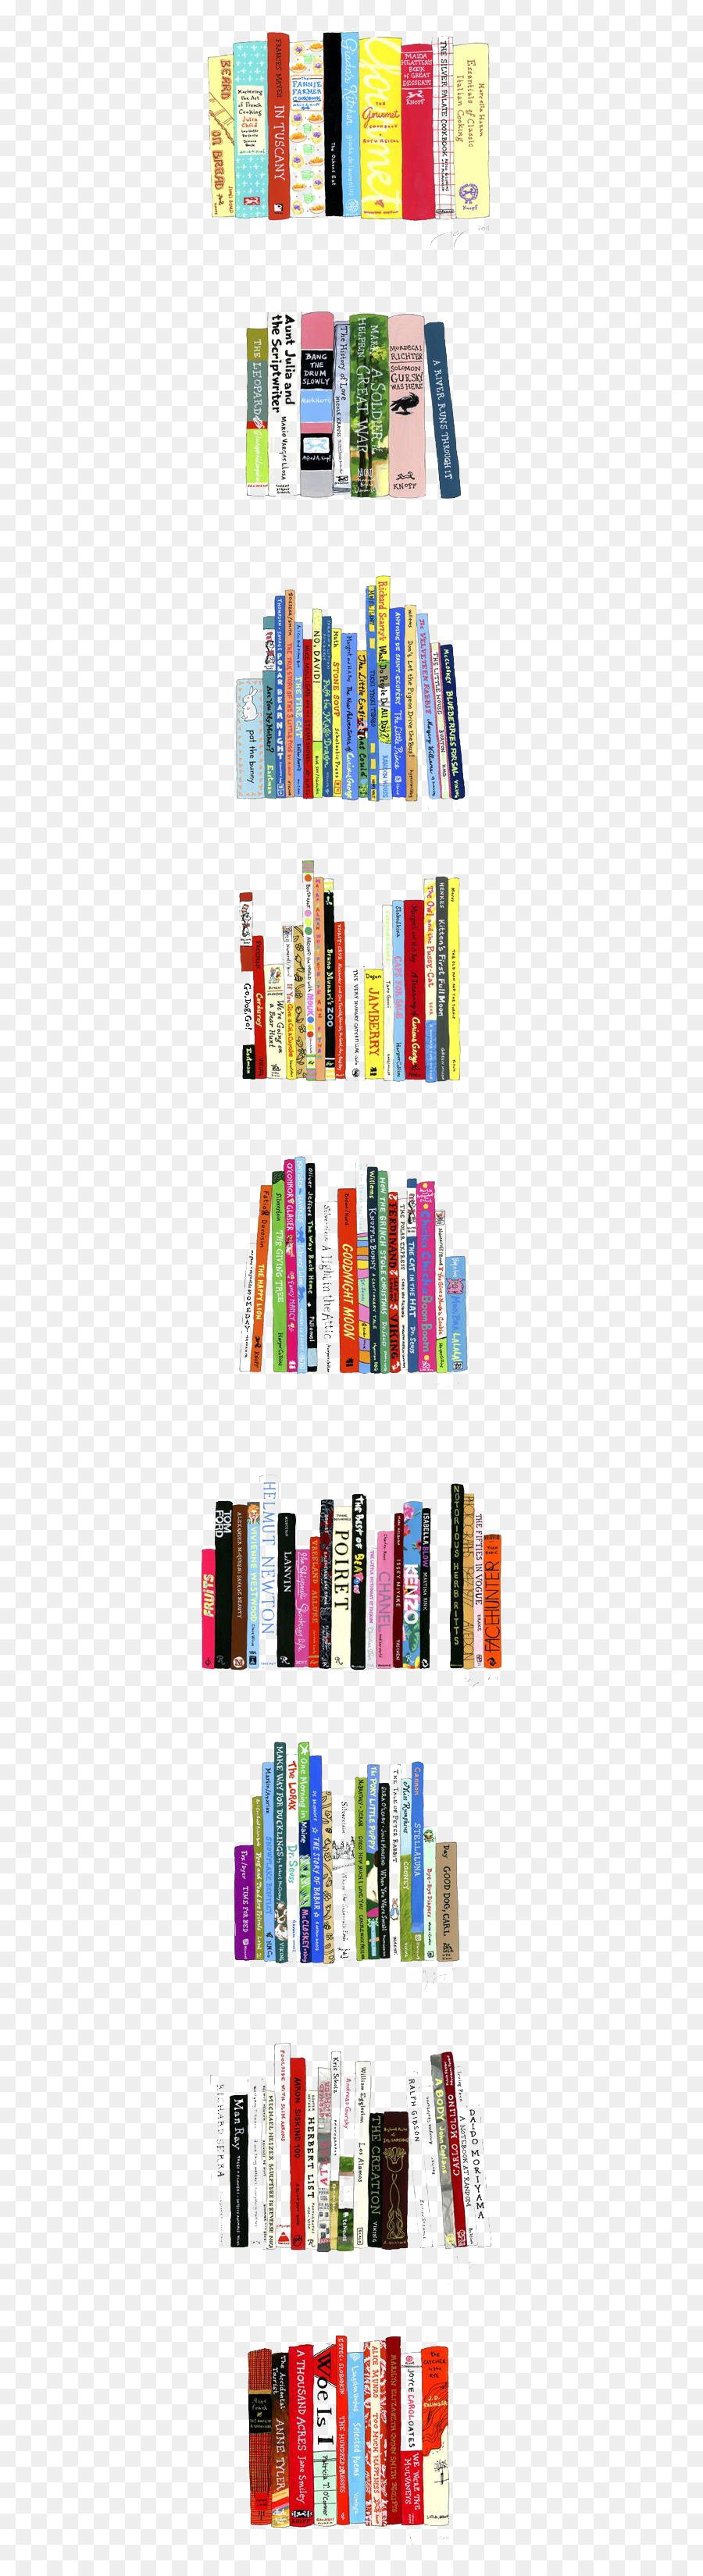 Descarga gratuita de Libro, Estantería, Dibujo Imágen de Png